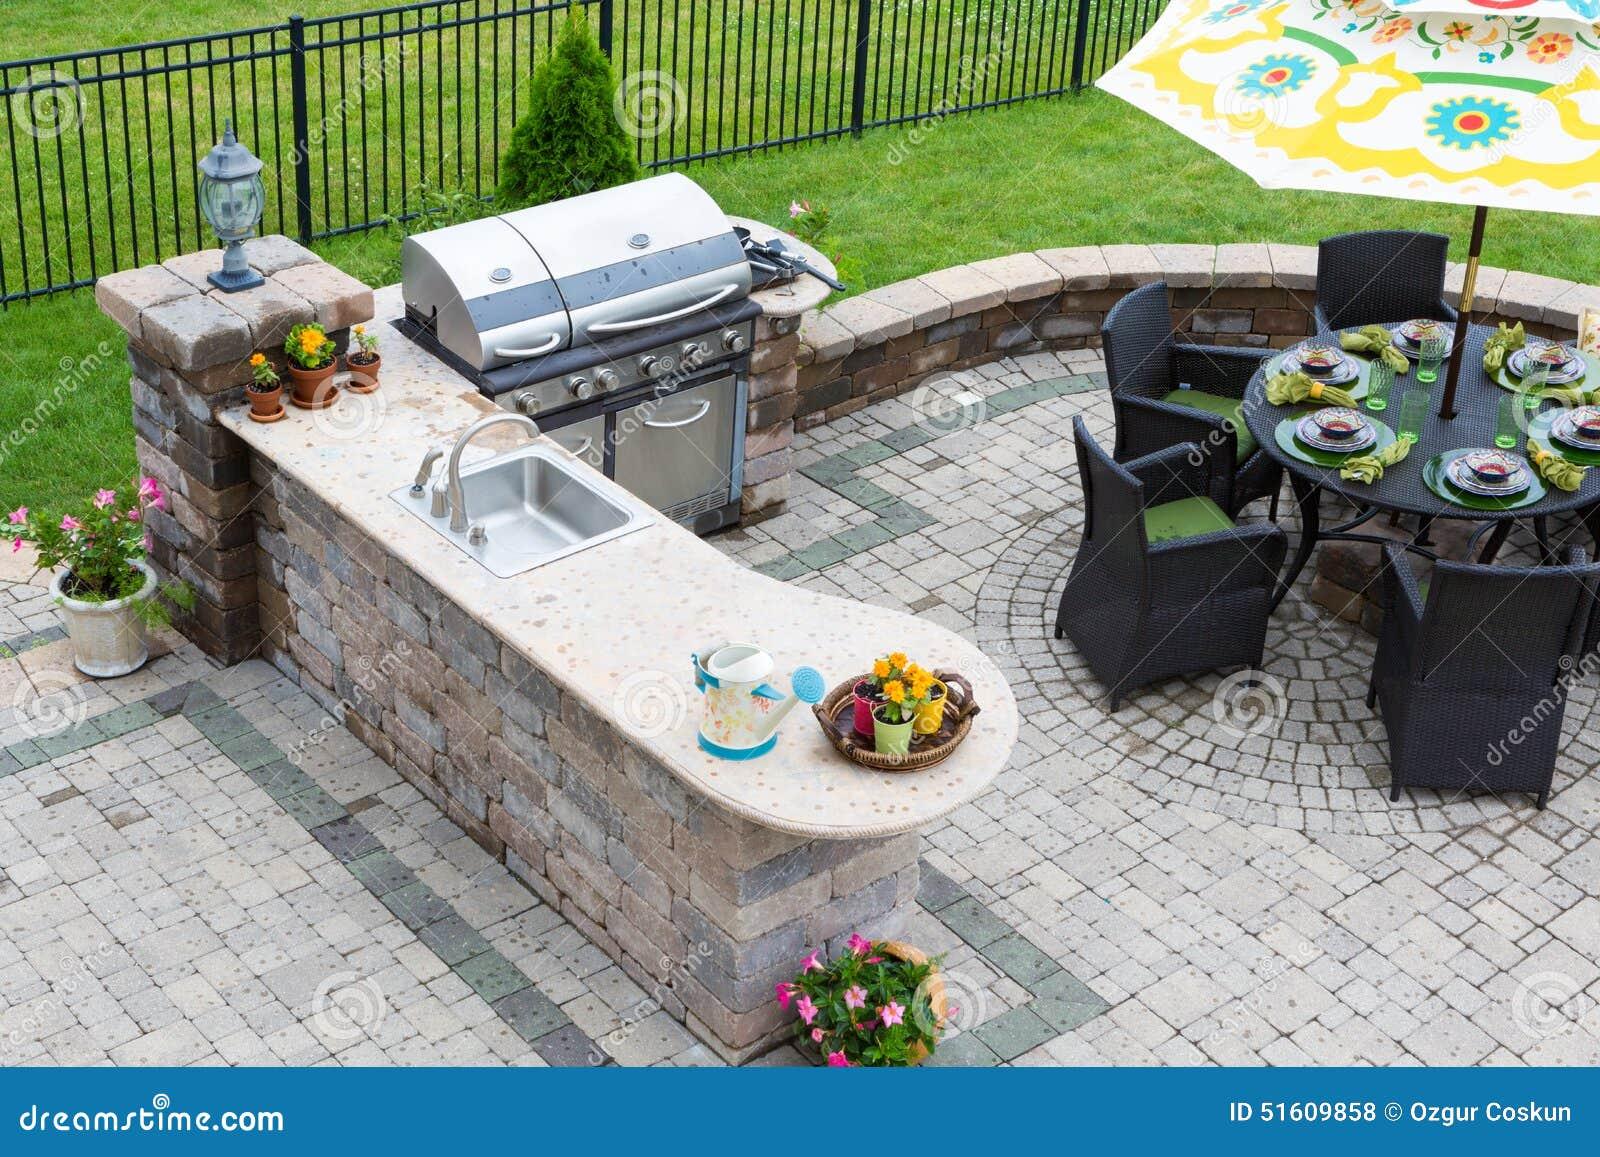 Cocina al aire libre foto de archivo. Imagen de decoración - 14162290